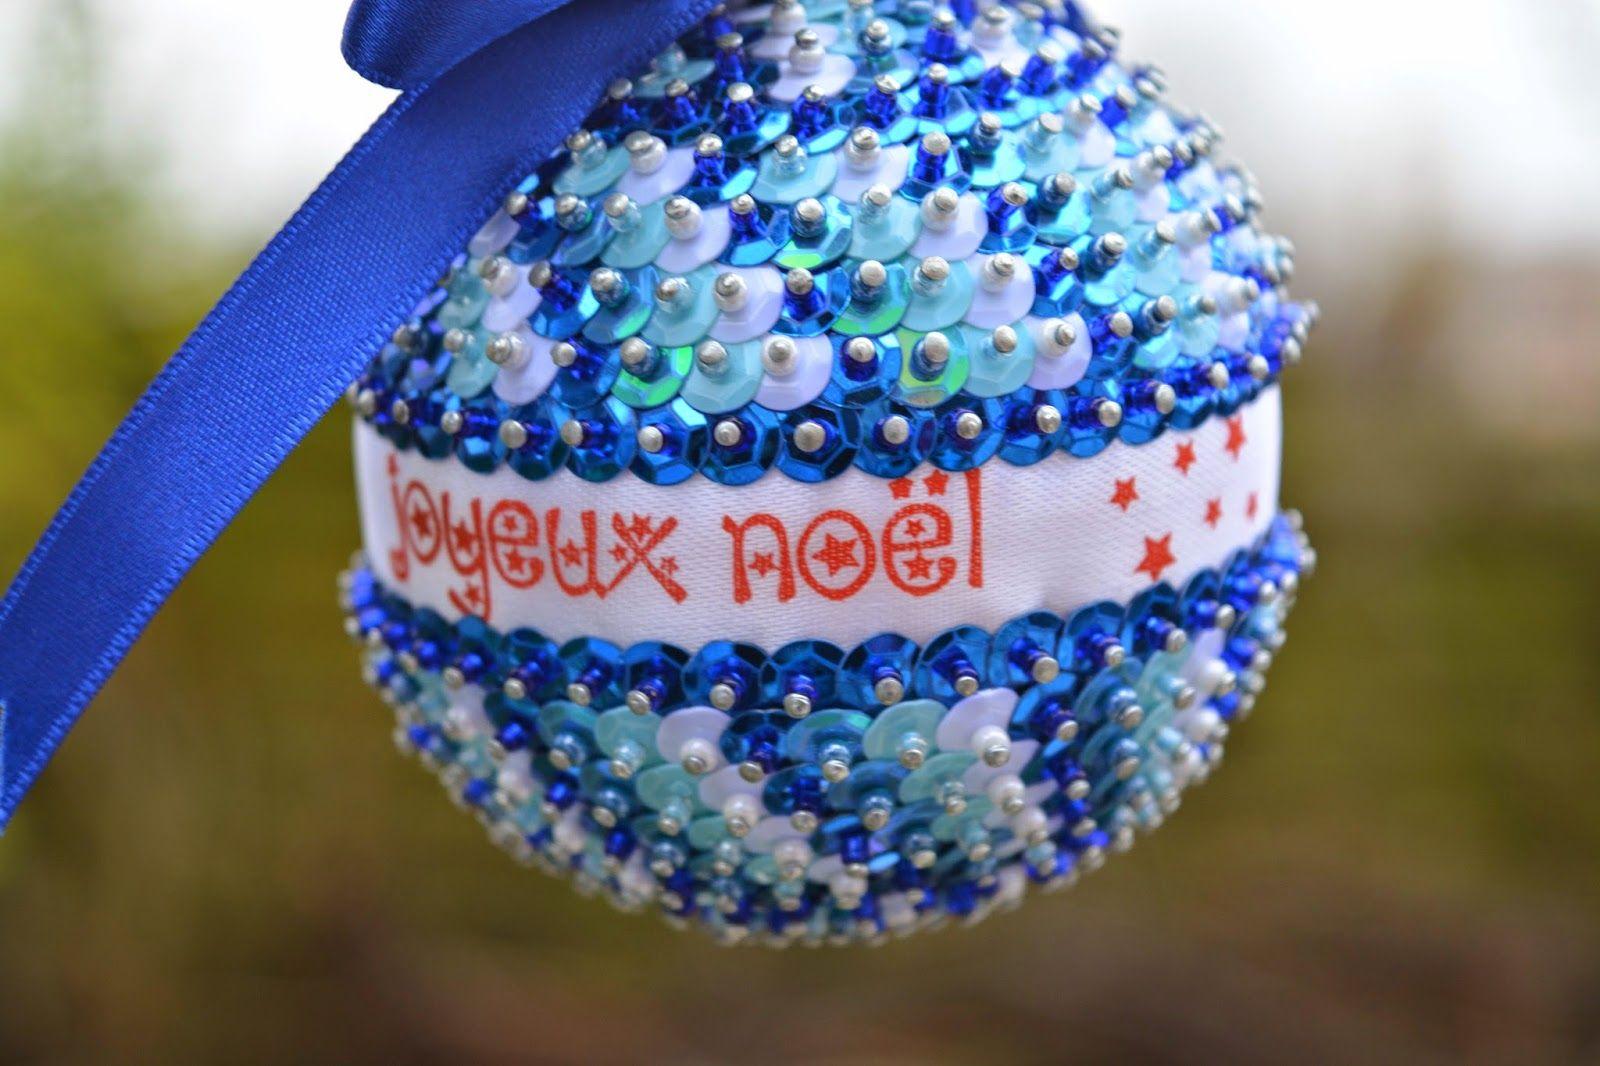 #joyeuxnoel #noel #bouledenoel #blogger #blog #french #frenchbloggers #blogger #bloggeuse #deco #decorationsNoel #french #frenchbloggers